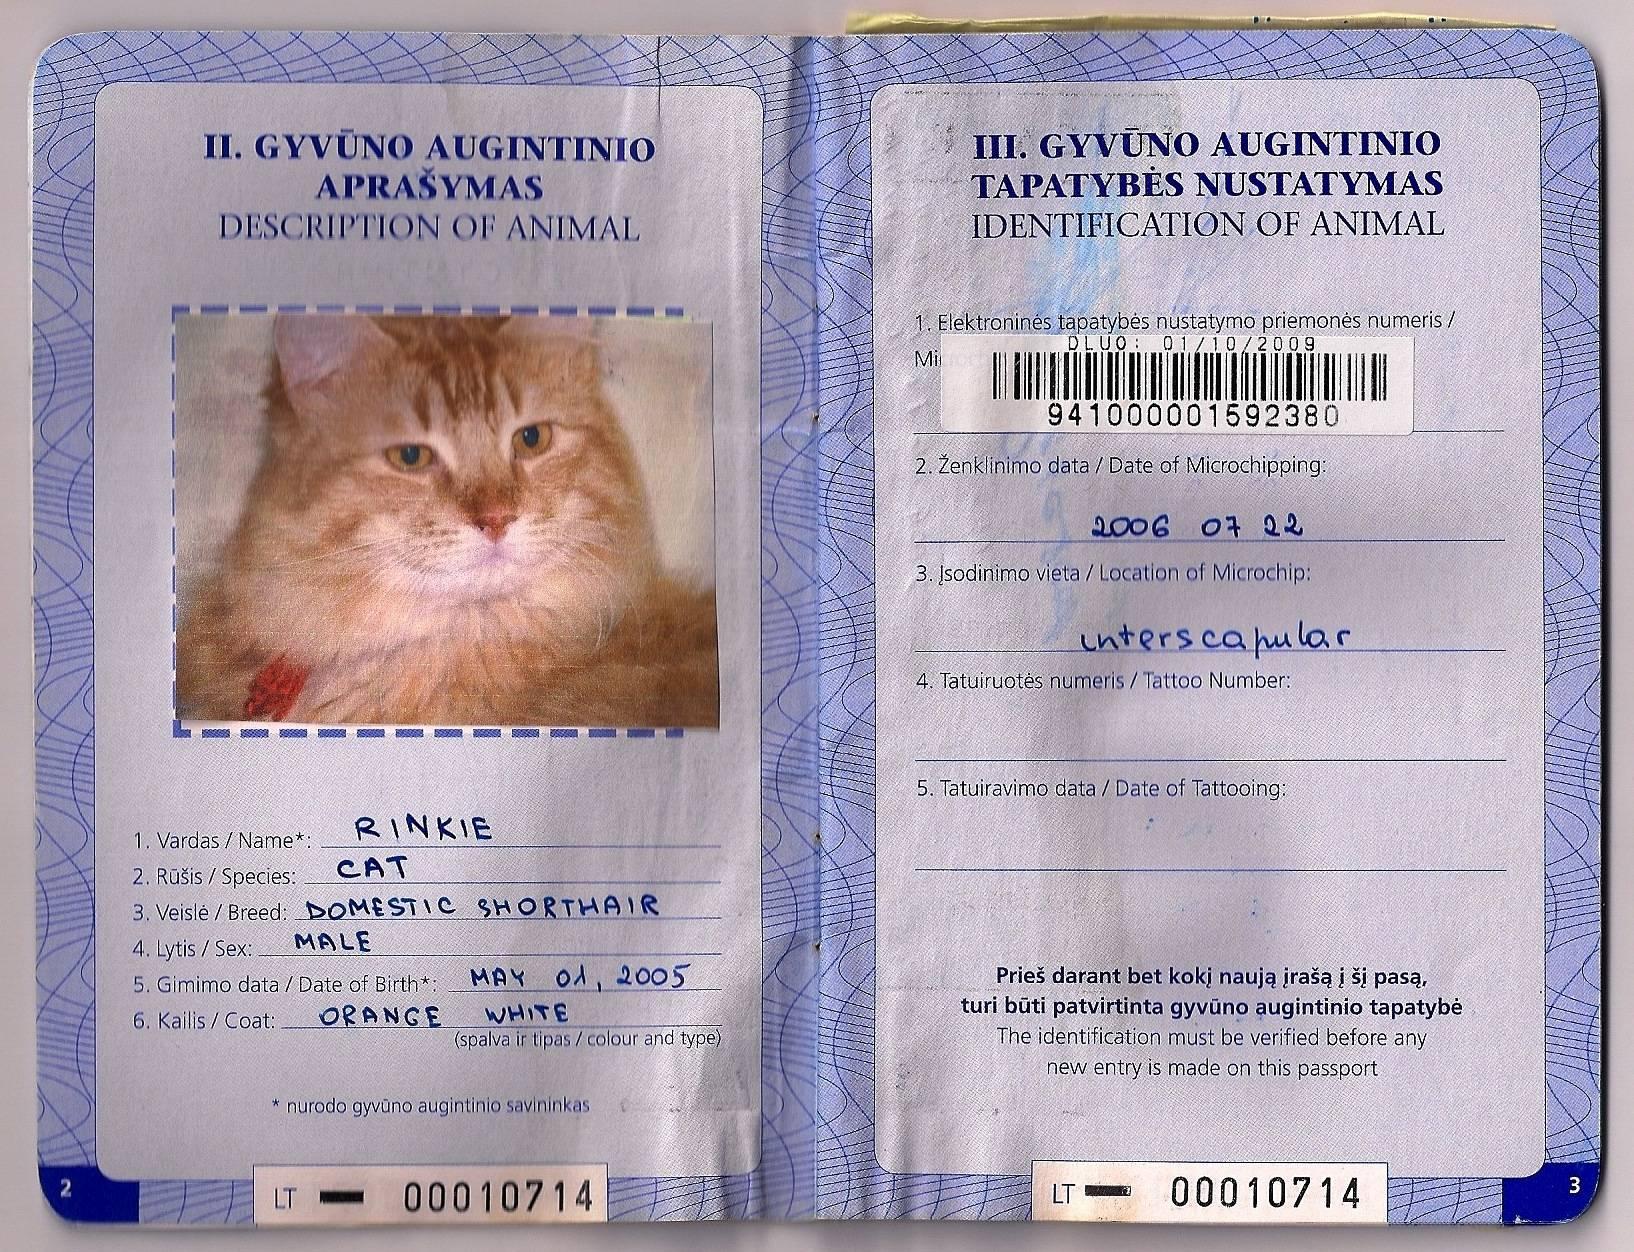 Ветеринарный паспорт для кошки: как сделать и сколько стоит кошачий паспорт, образец заполнения